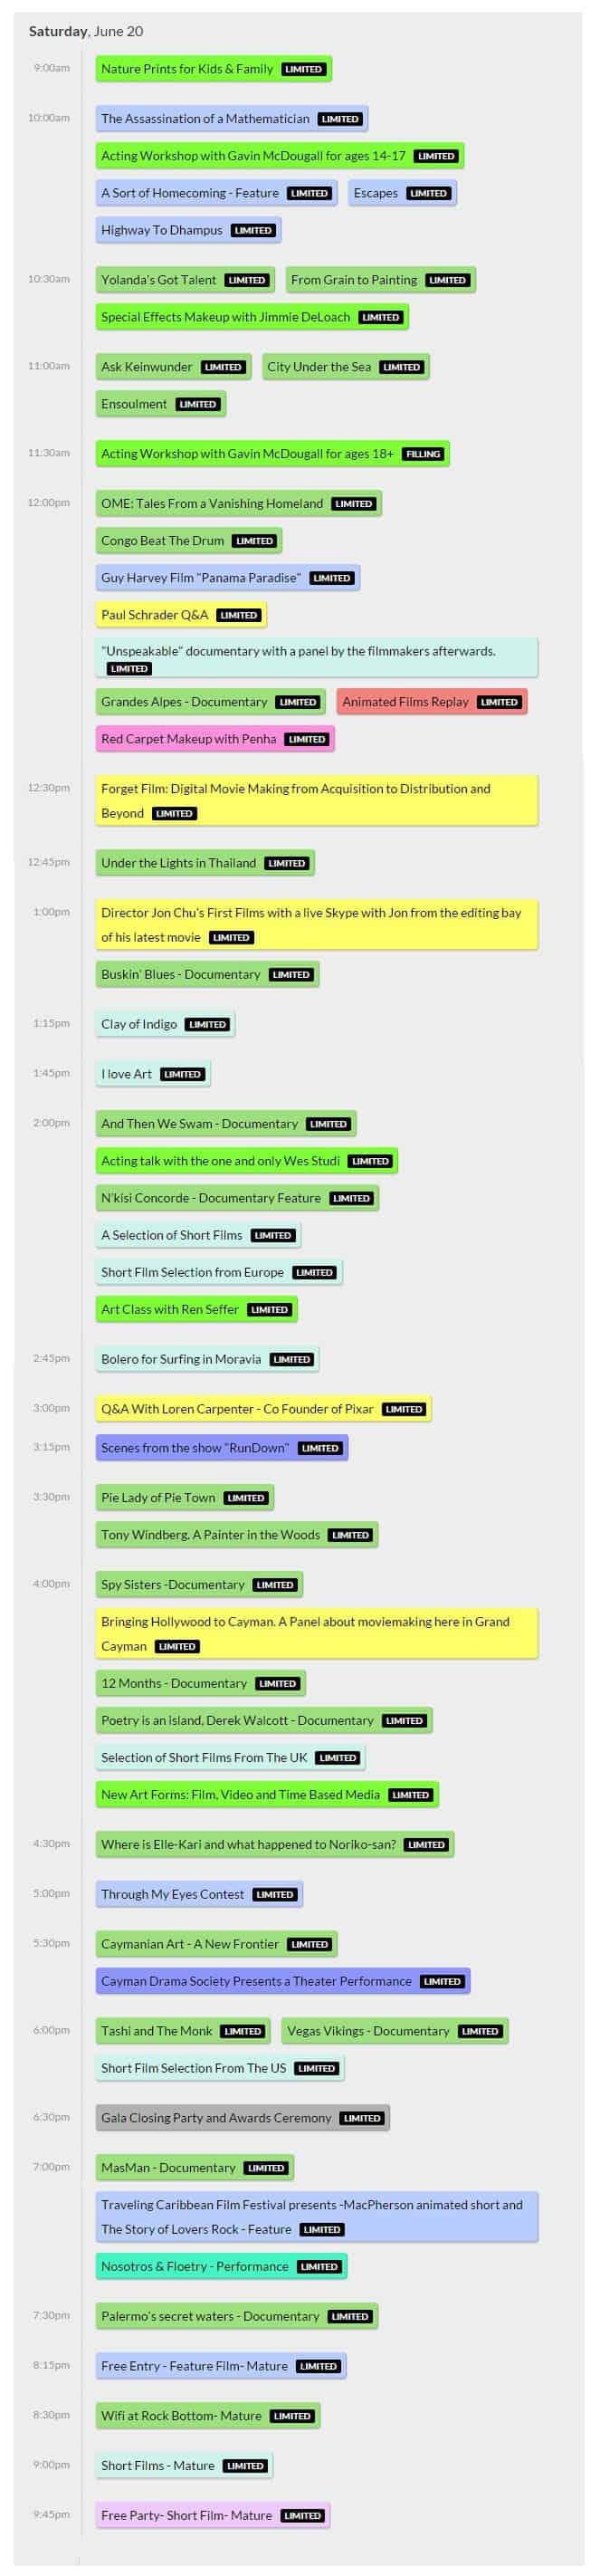 cayfilm schedule 2